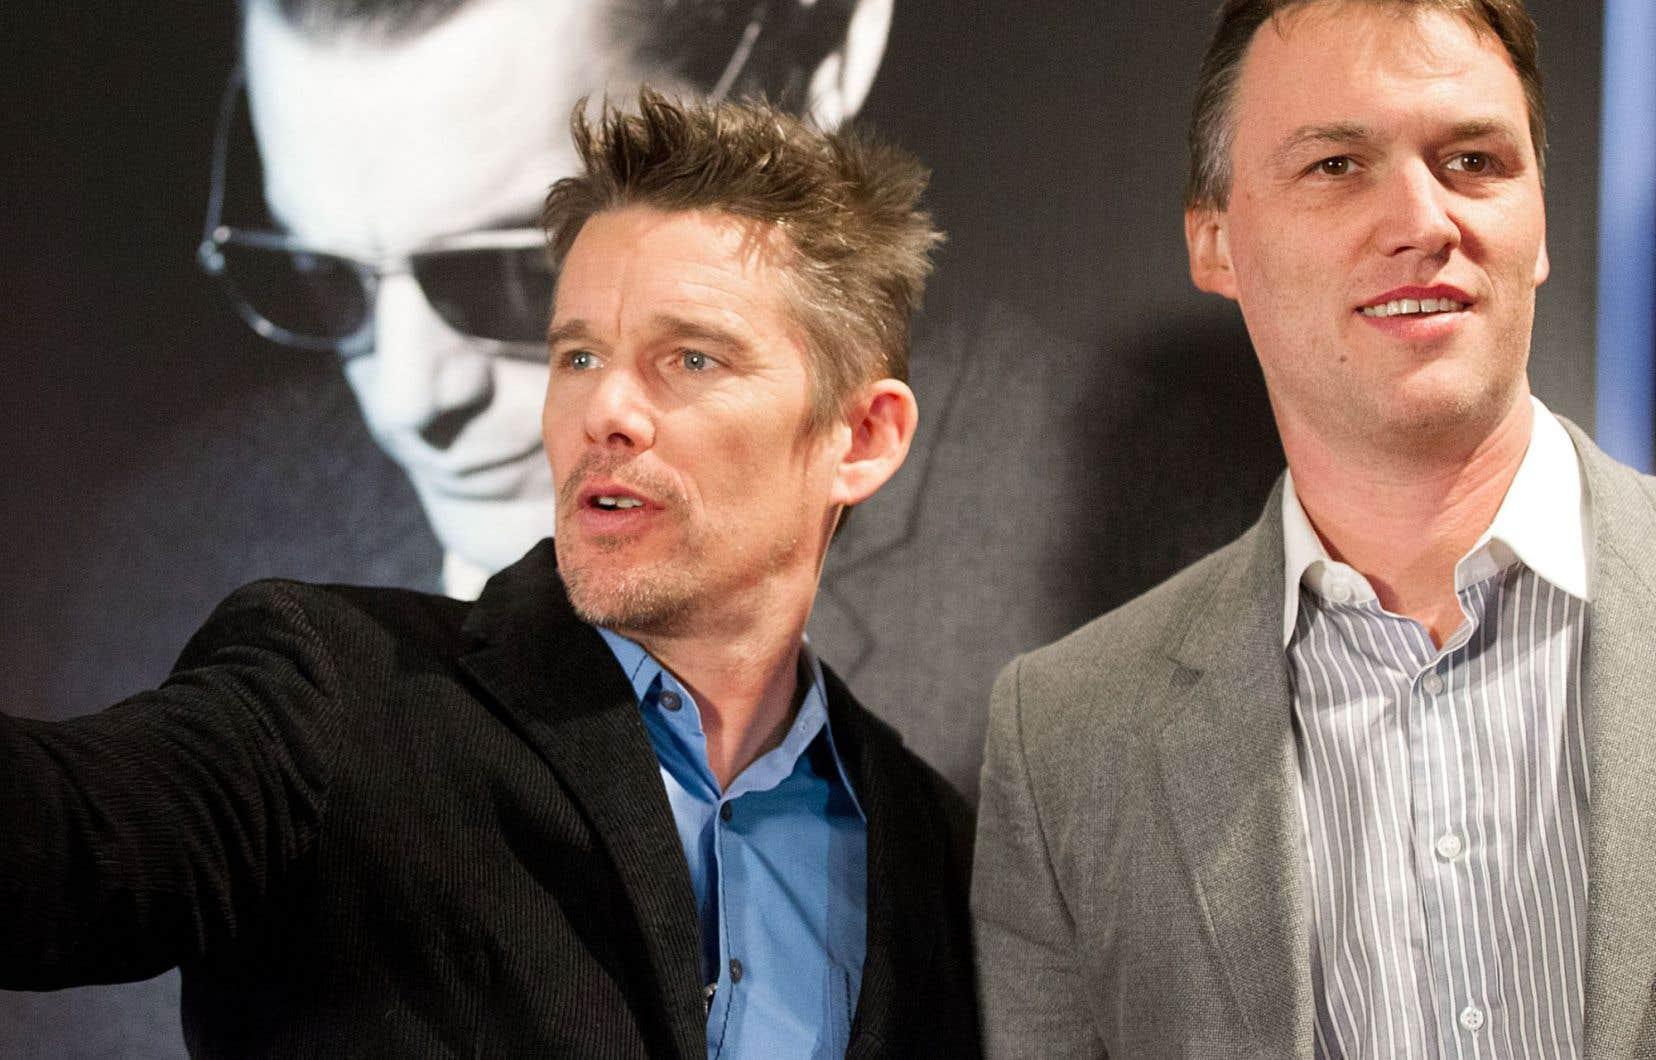 Le réalisateur Robert Budreau, à droite, en compagnie de l'acteur Ethan Hawke